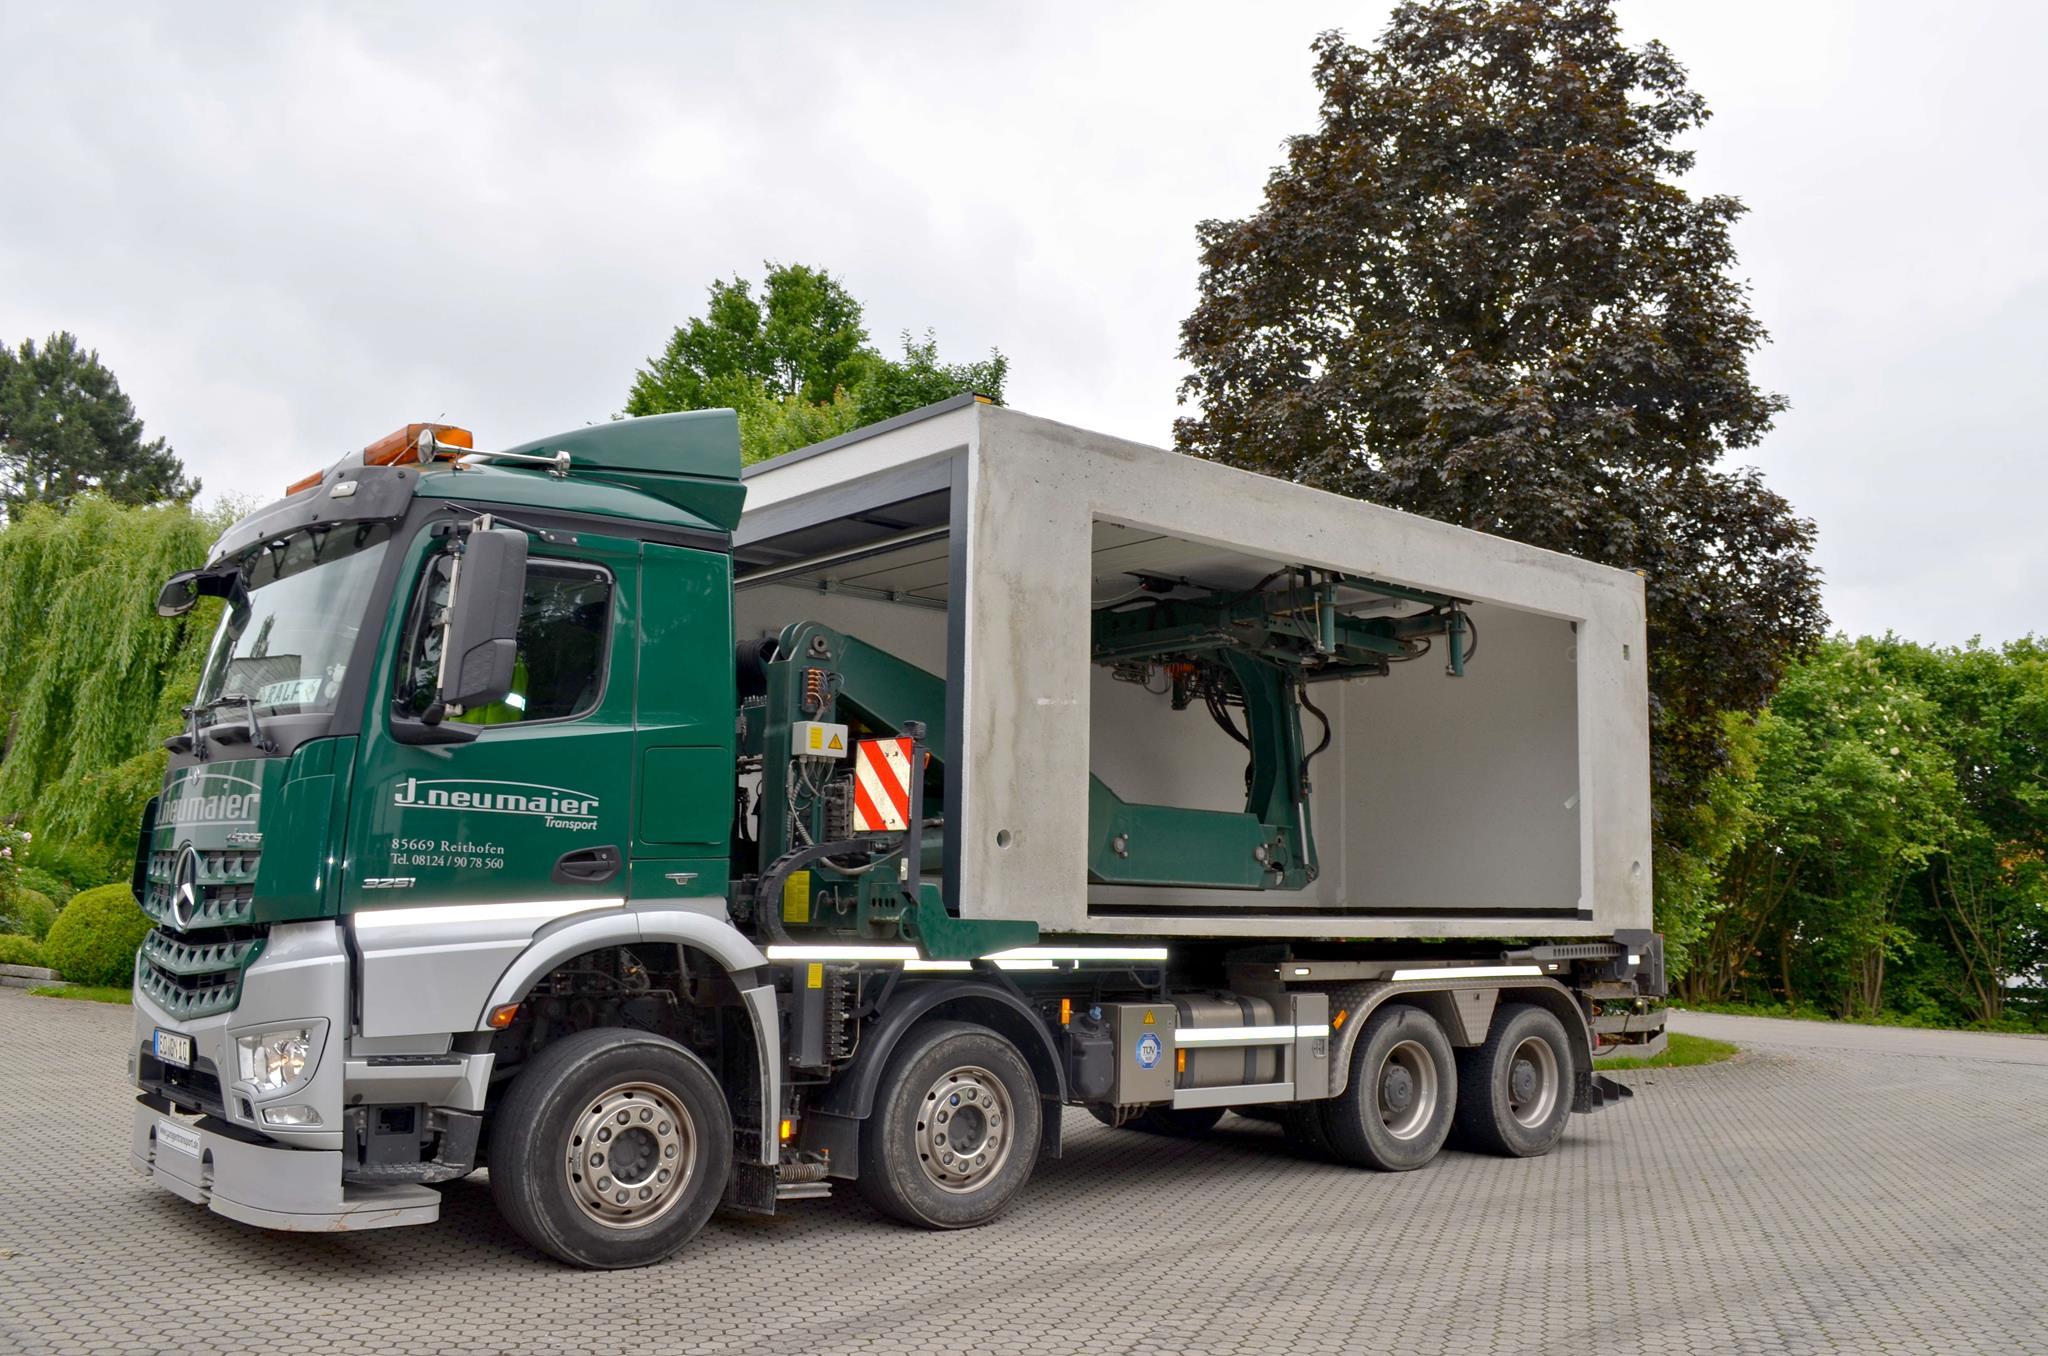 Wir Befördern Neue Garagen Von Verschiedenen Herstellern, Außerdem  Versetzen Wir Auch Gebrauchte Garagen An Einen Neuen Standort.